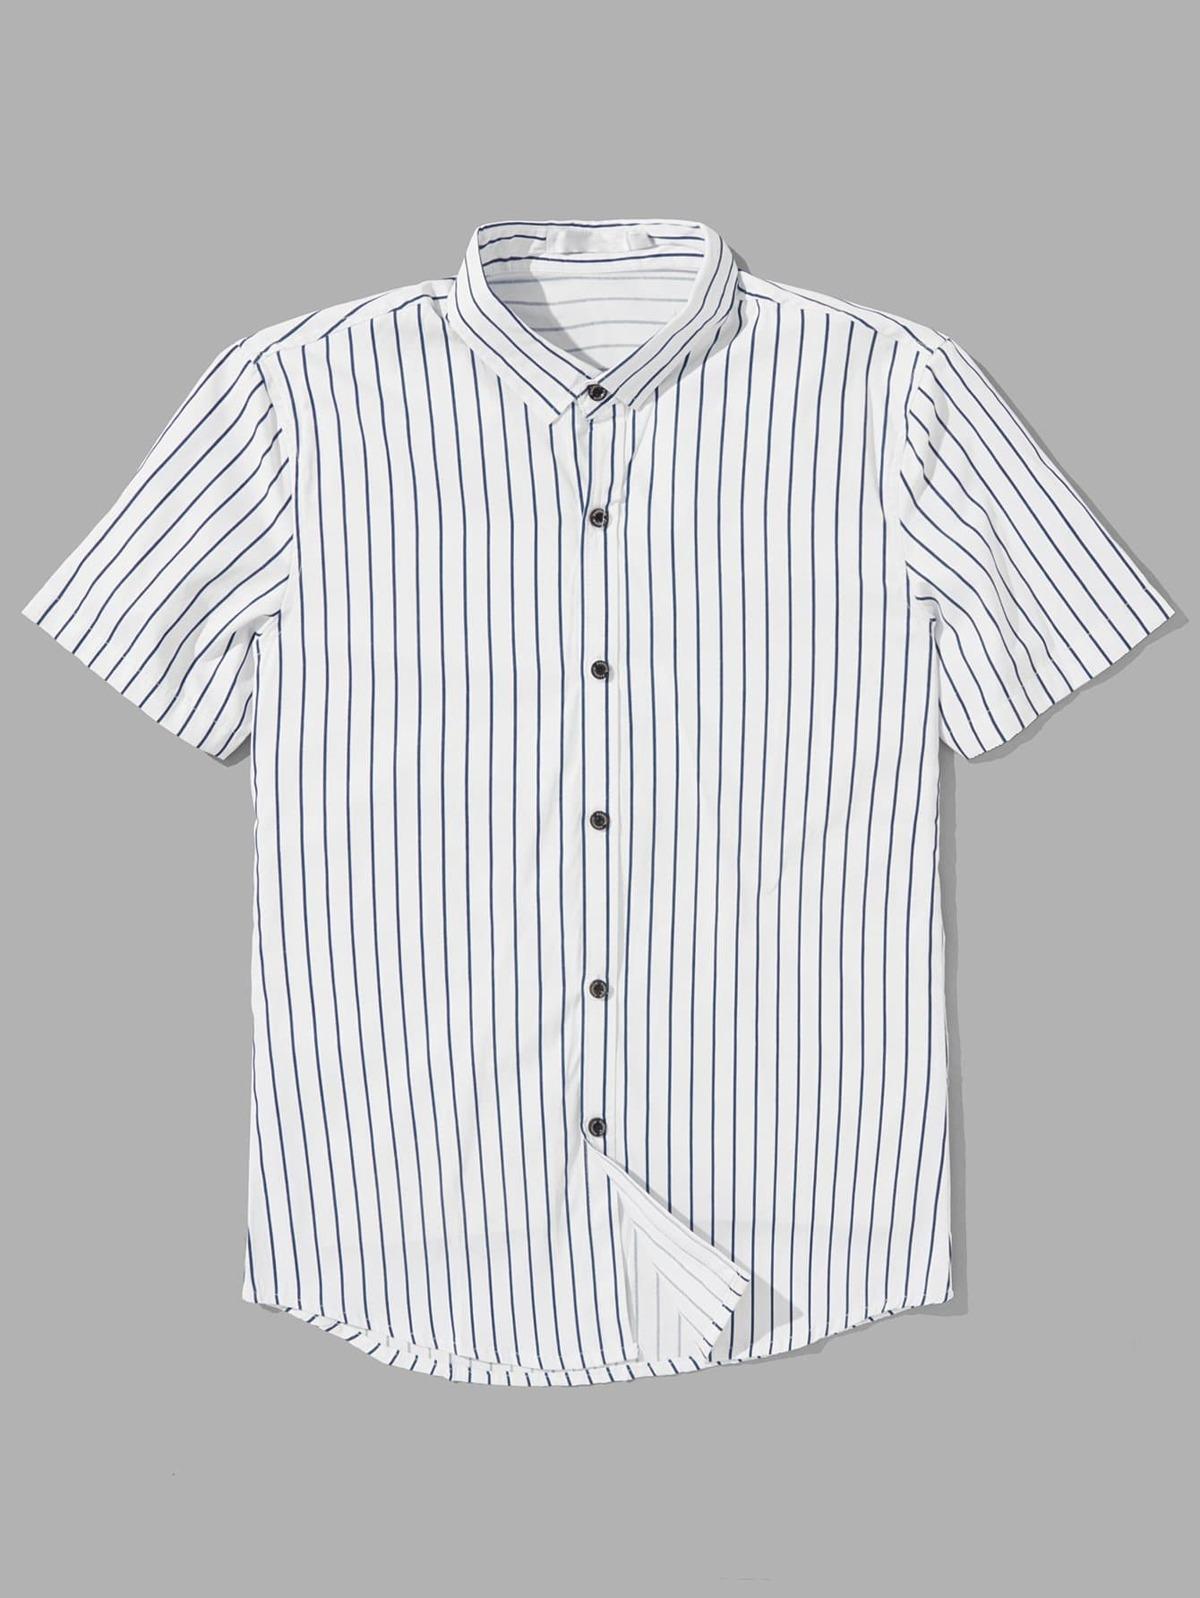 男人 條紋 襯衫